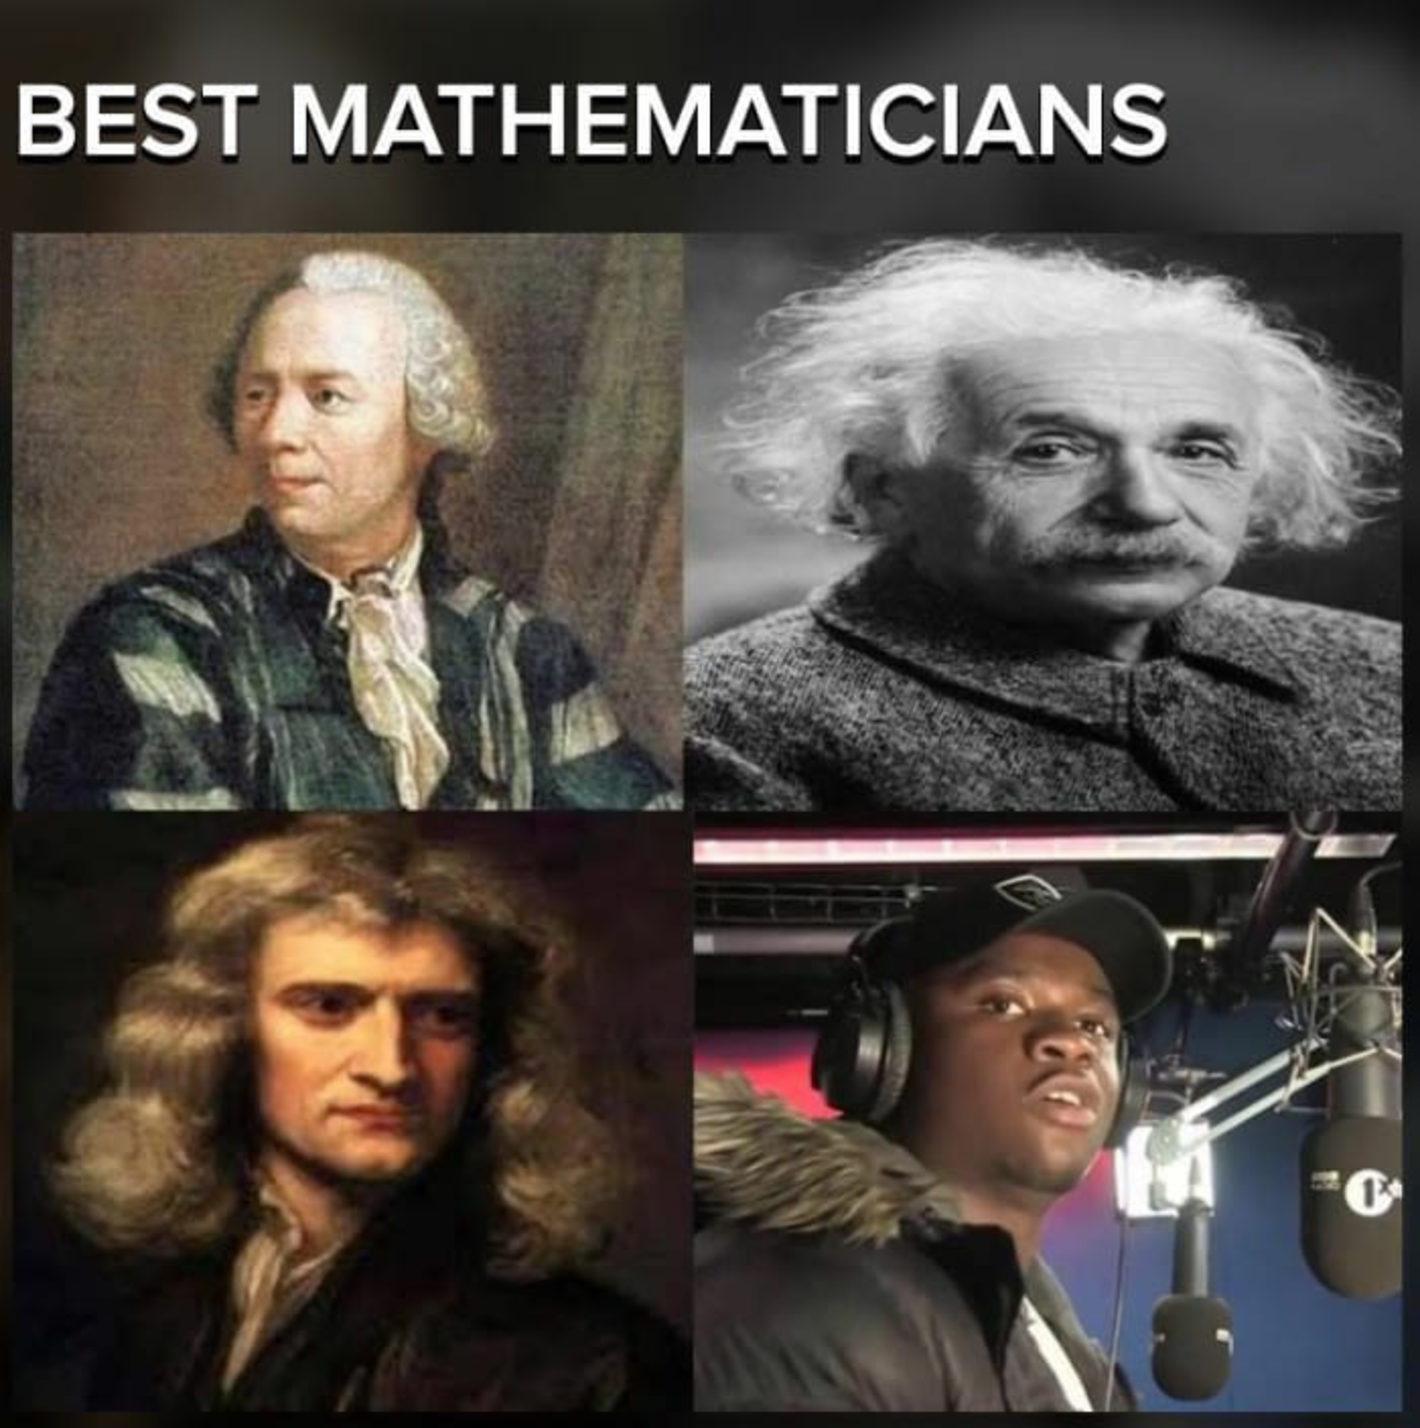 Best Mathematicians